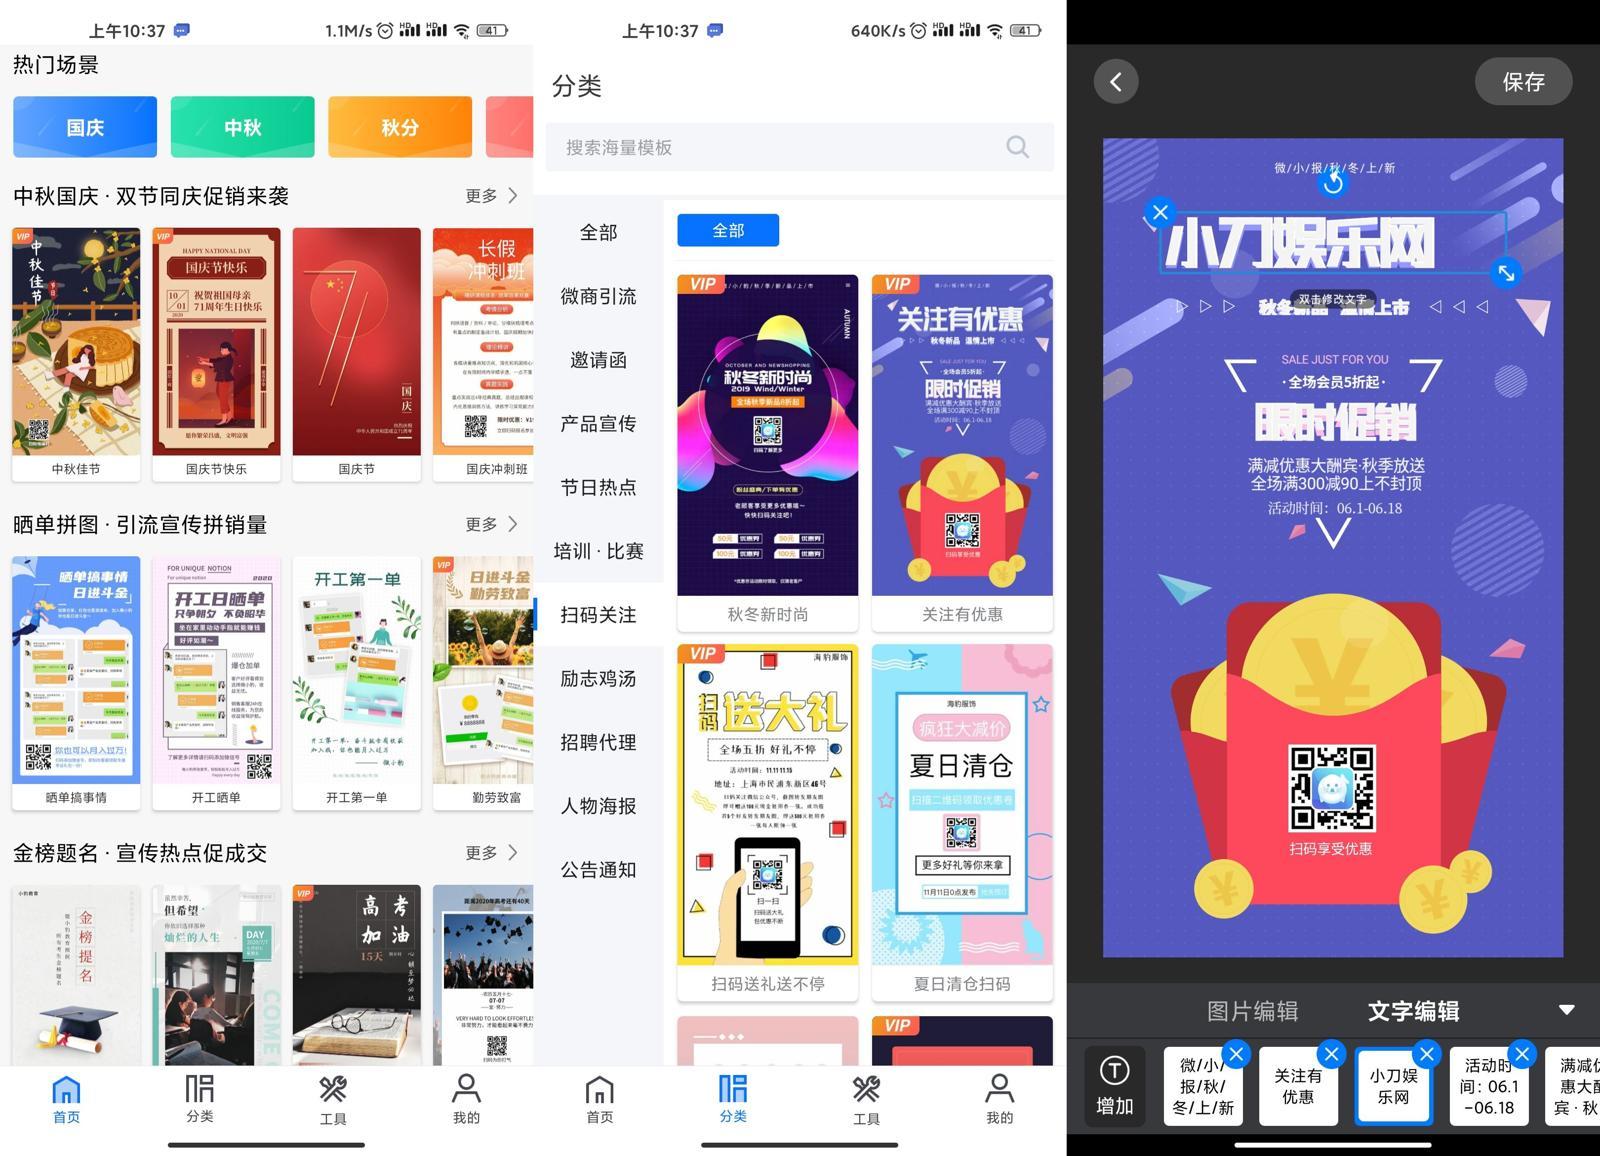 安卓微商海报v1.2.4绿化版 已解锁VIP!